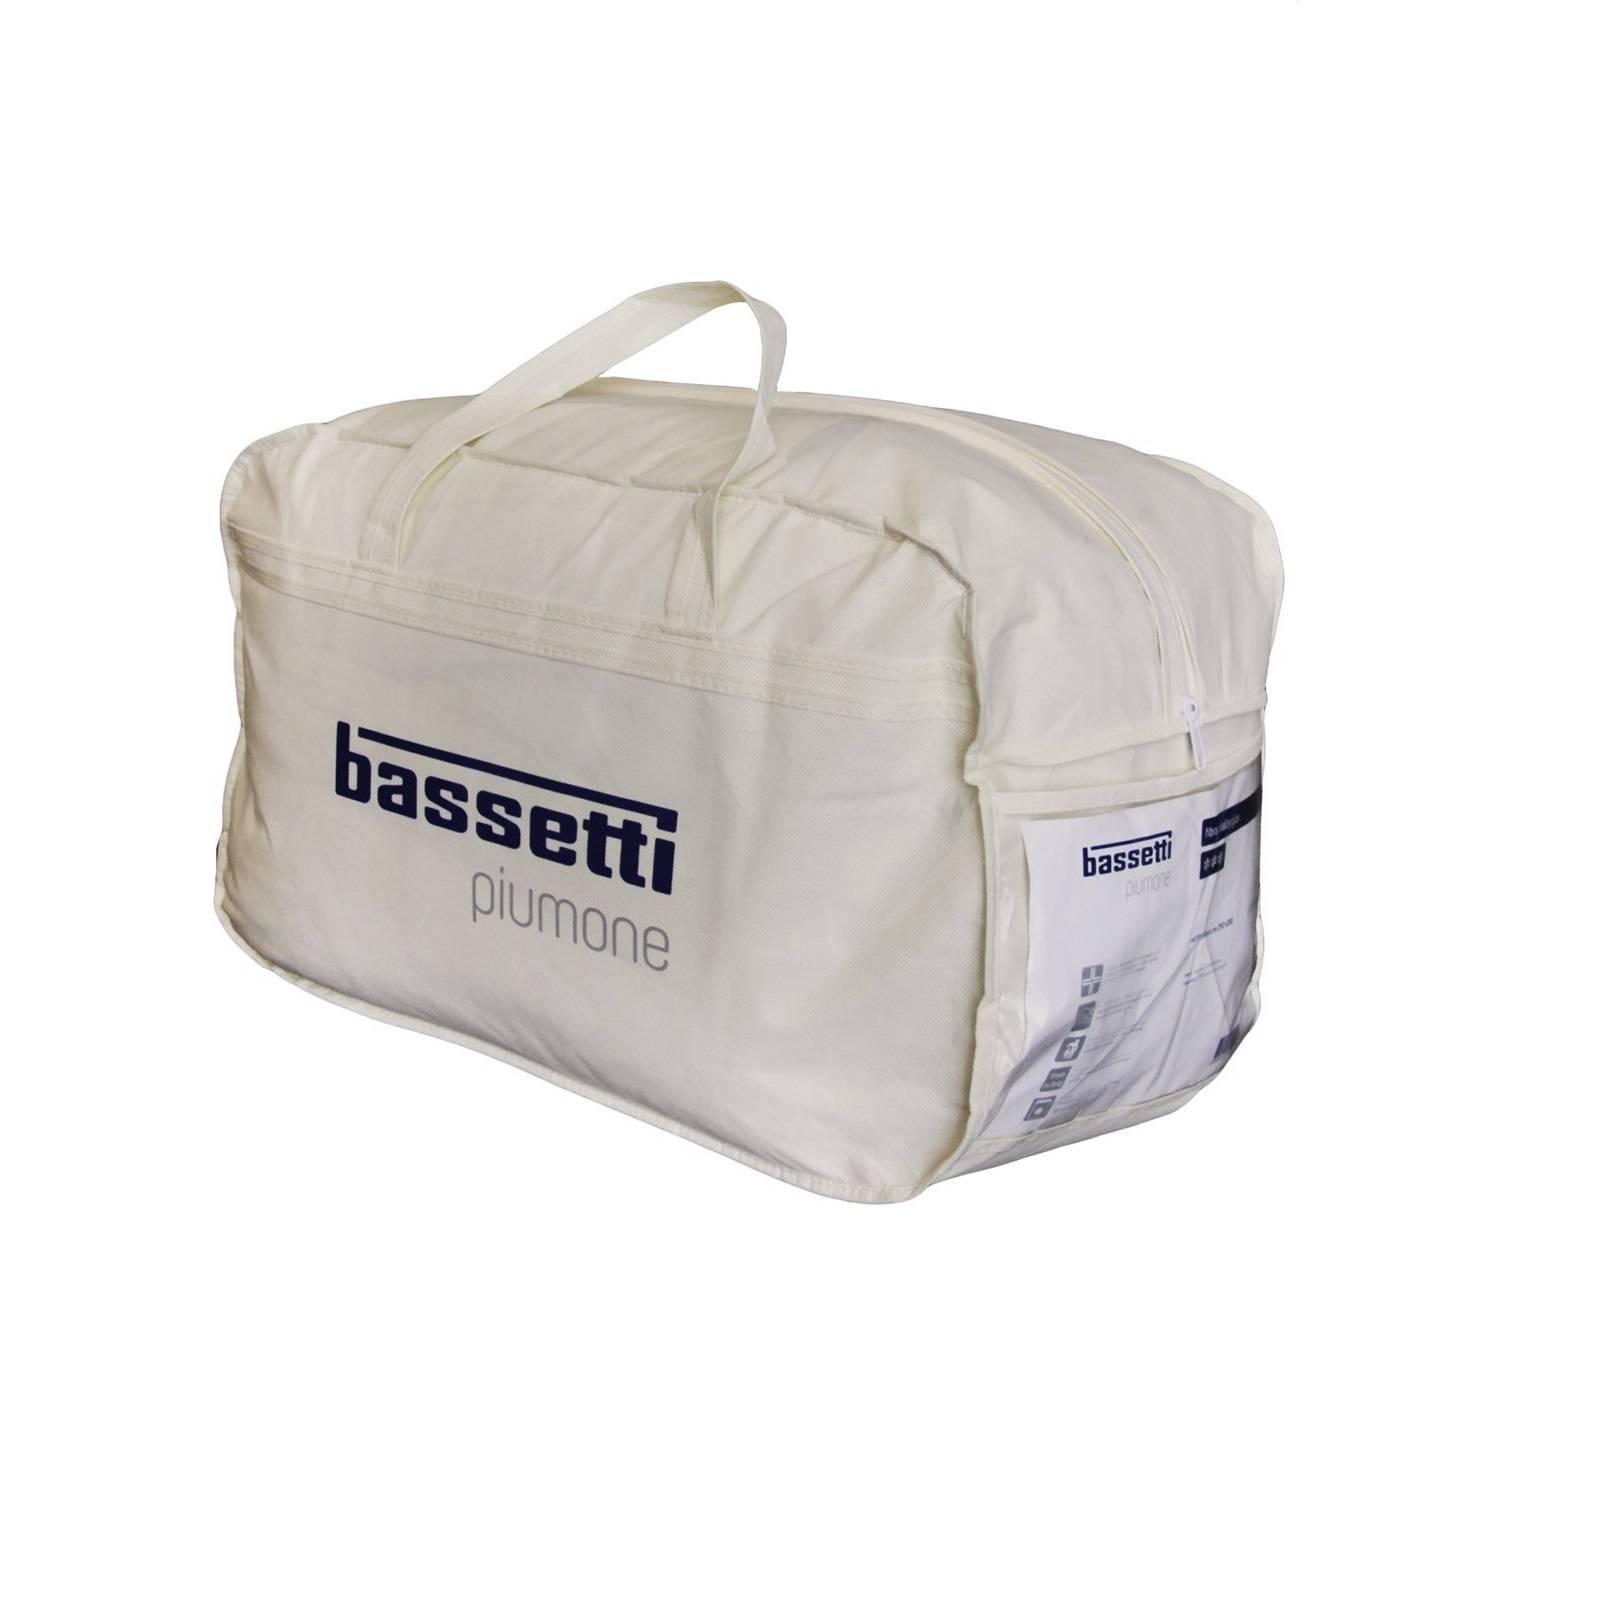 new product eb7dc 960e1 Bassetti piumino invernale + primaverile in microfibra 4 stagioni Made in  Italy